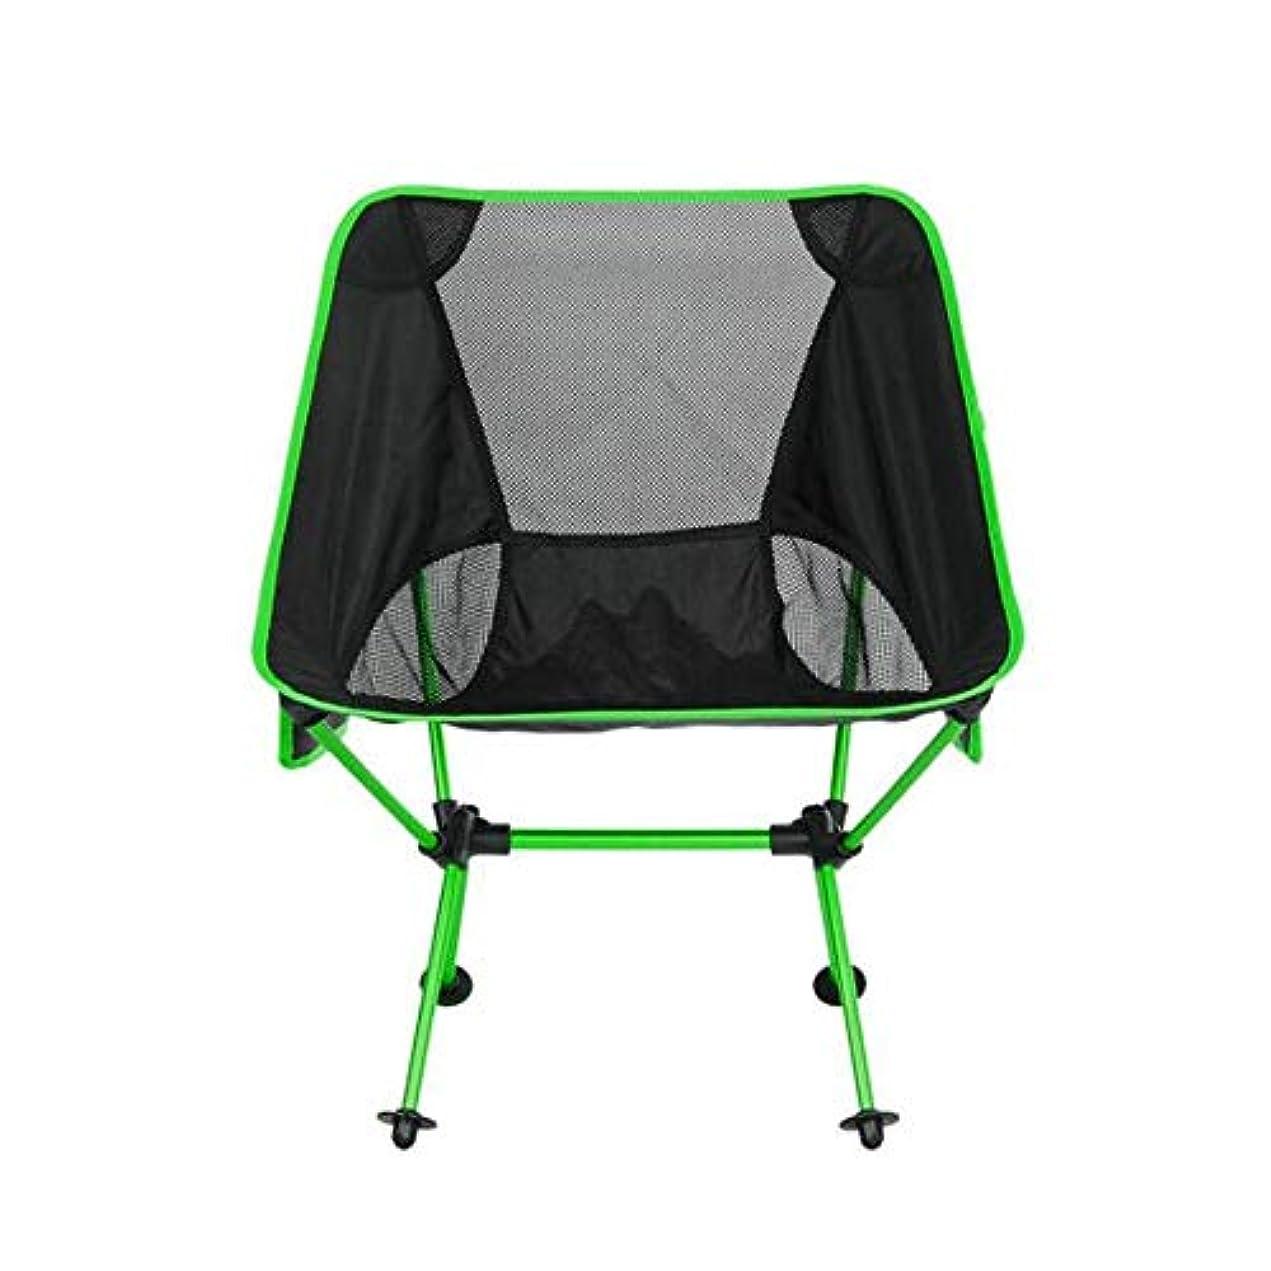 黄ばむなぜ湿気の多い屋外のキャンプチェア、バックパッキングとのピクニックをハイキングする釣り浜のための折りたたみ椅子の携帯用軽量,Green